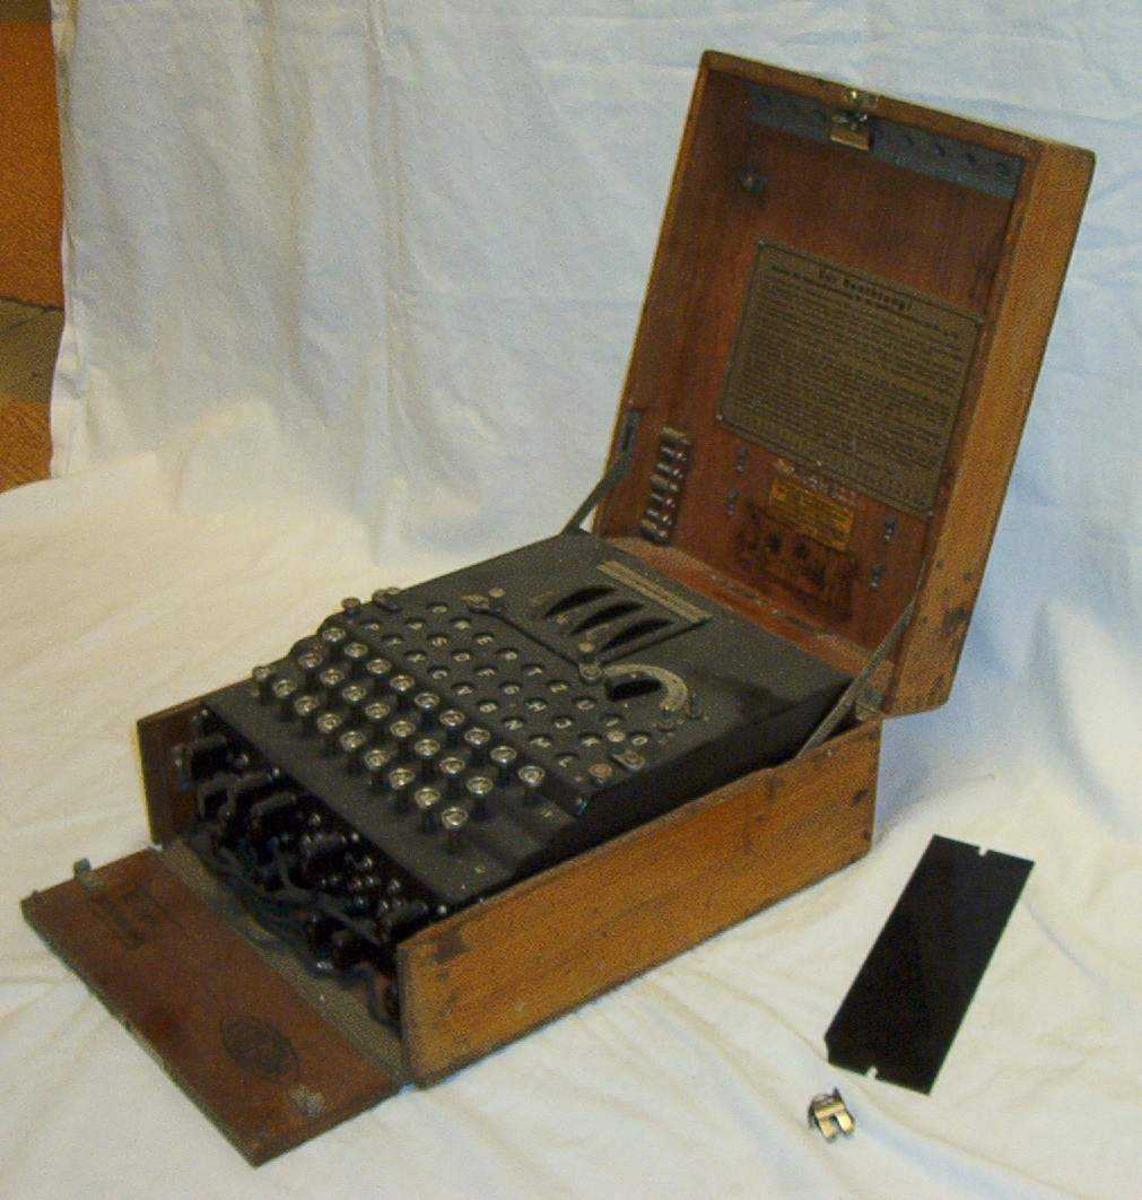 Sort krypteringsmaskin i rektanglær brun trekasse med lokk.